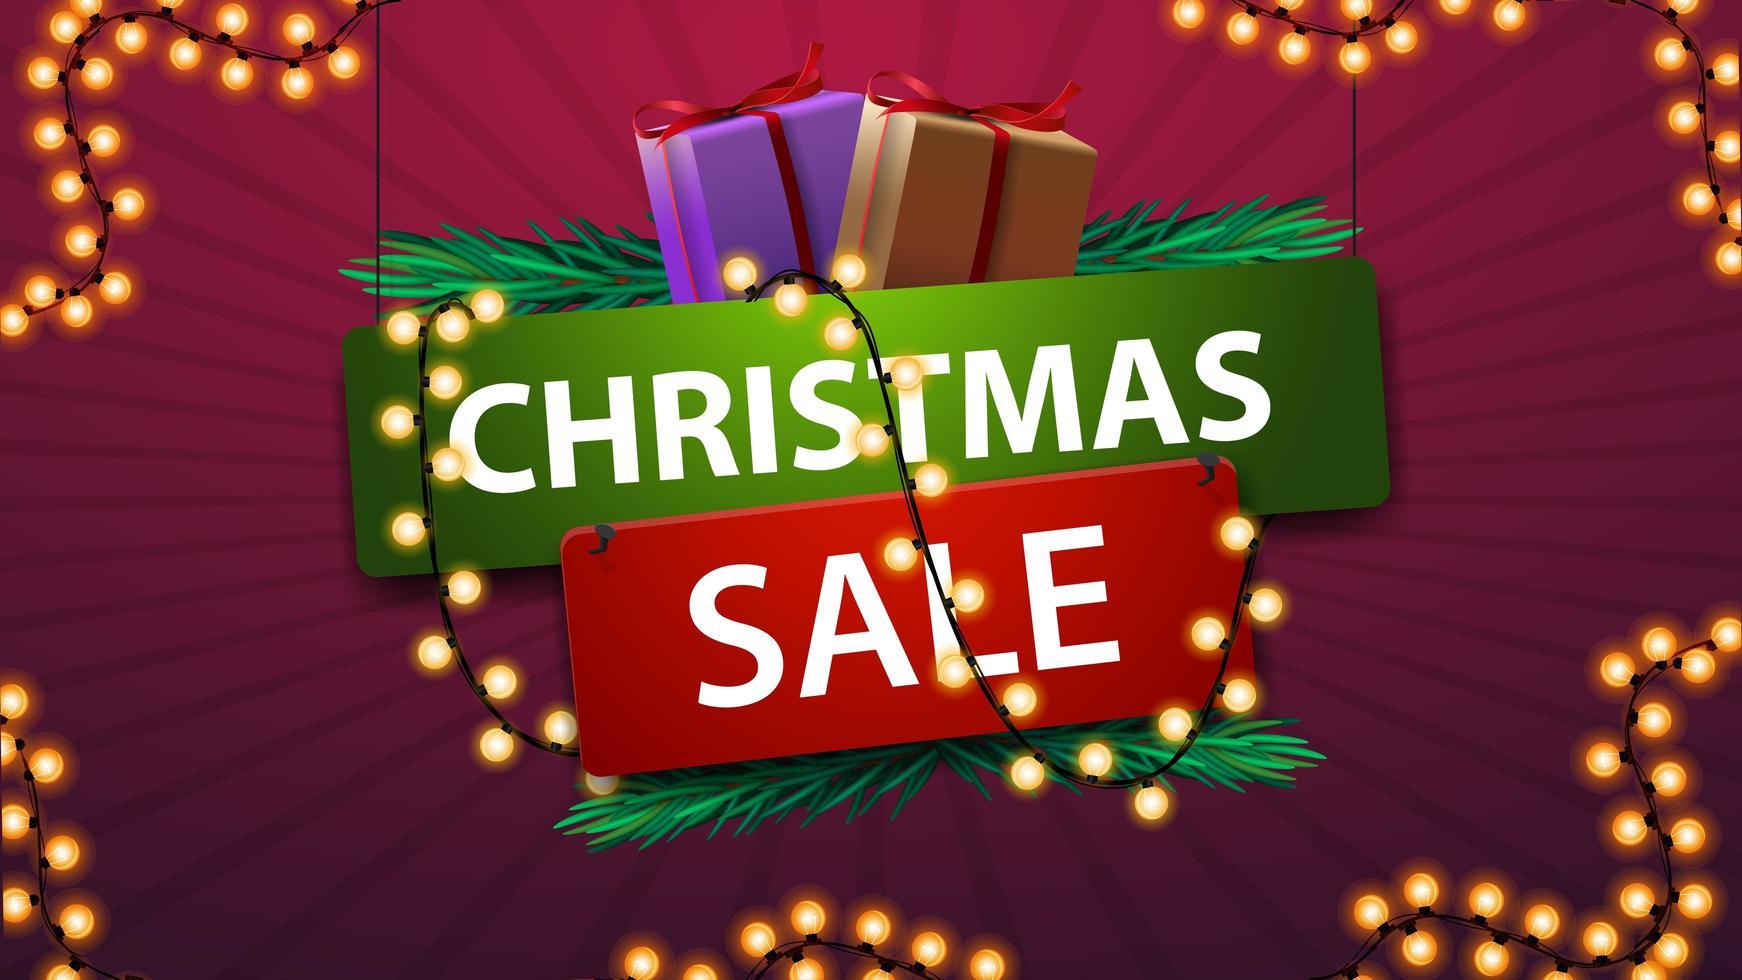 kerstuitverkoop, banner in cartoon-stijl met geschenken en slinger. vector